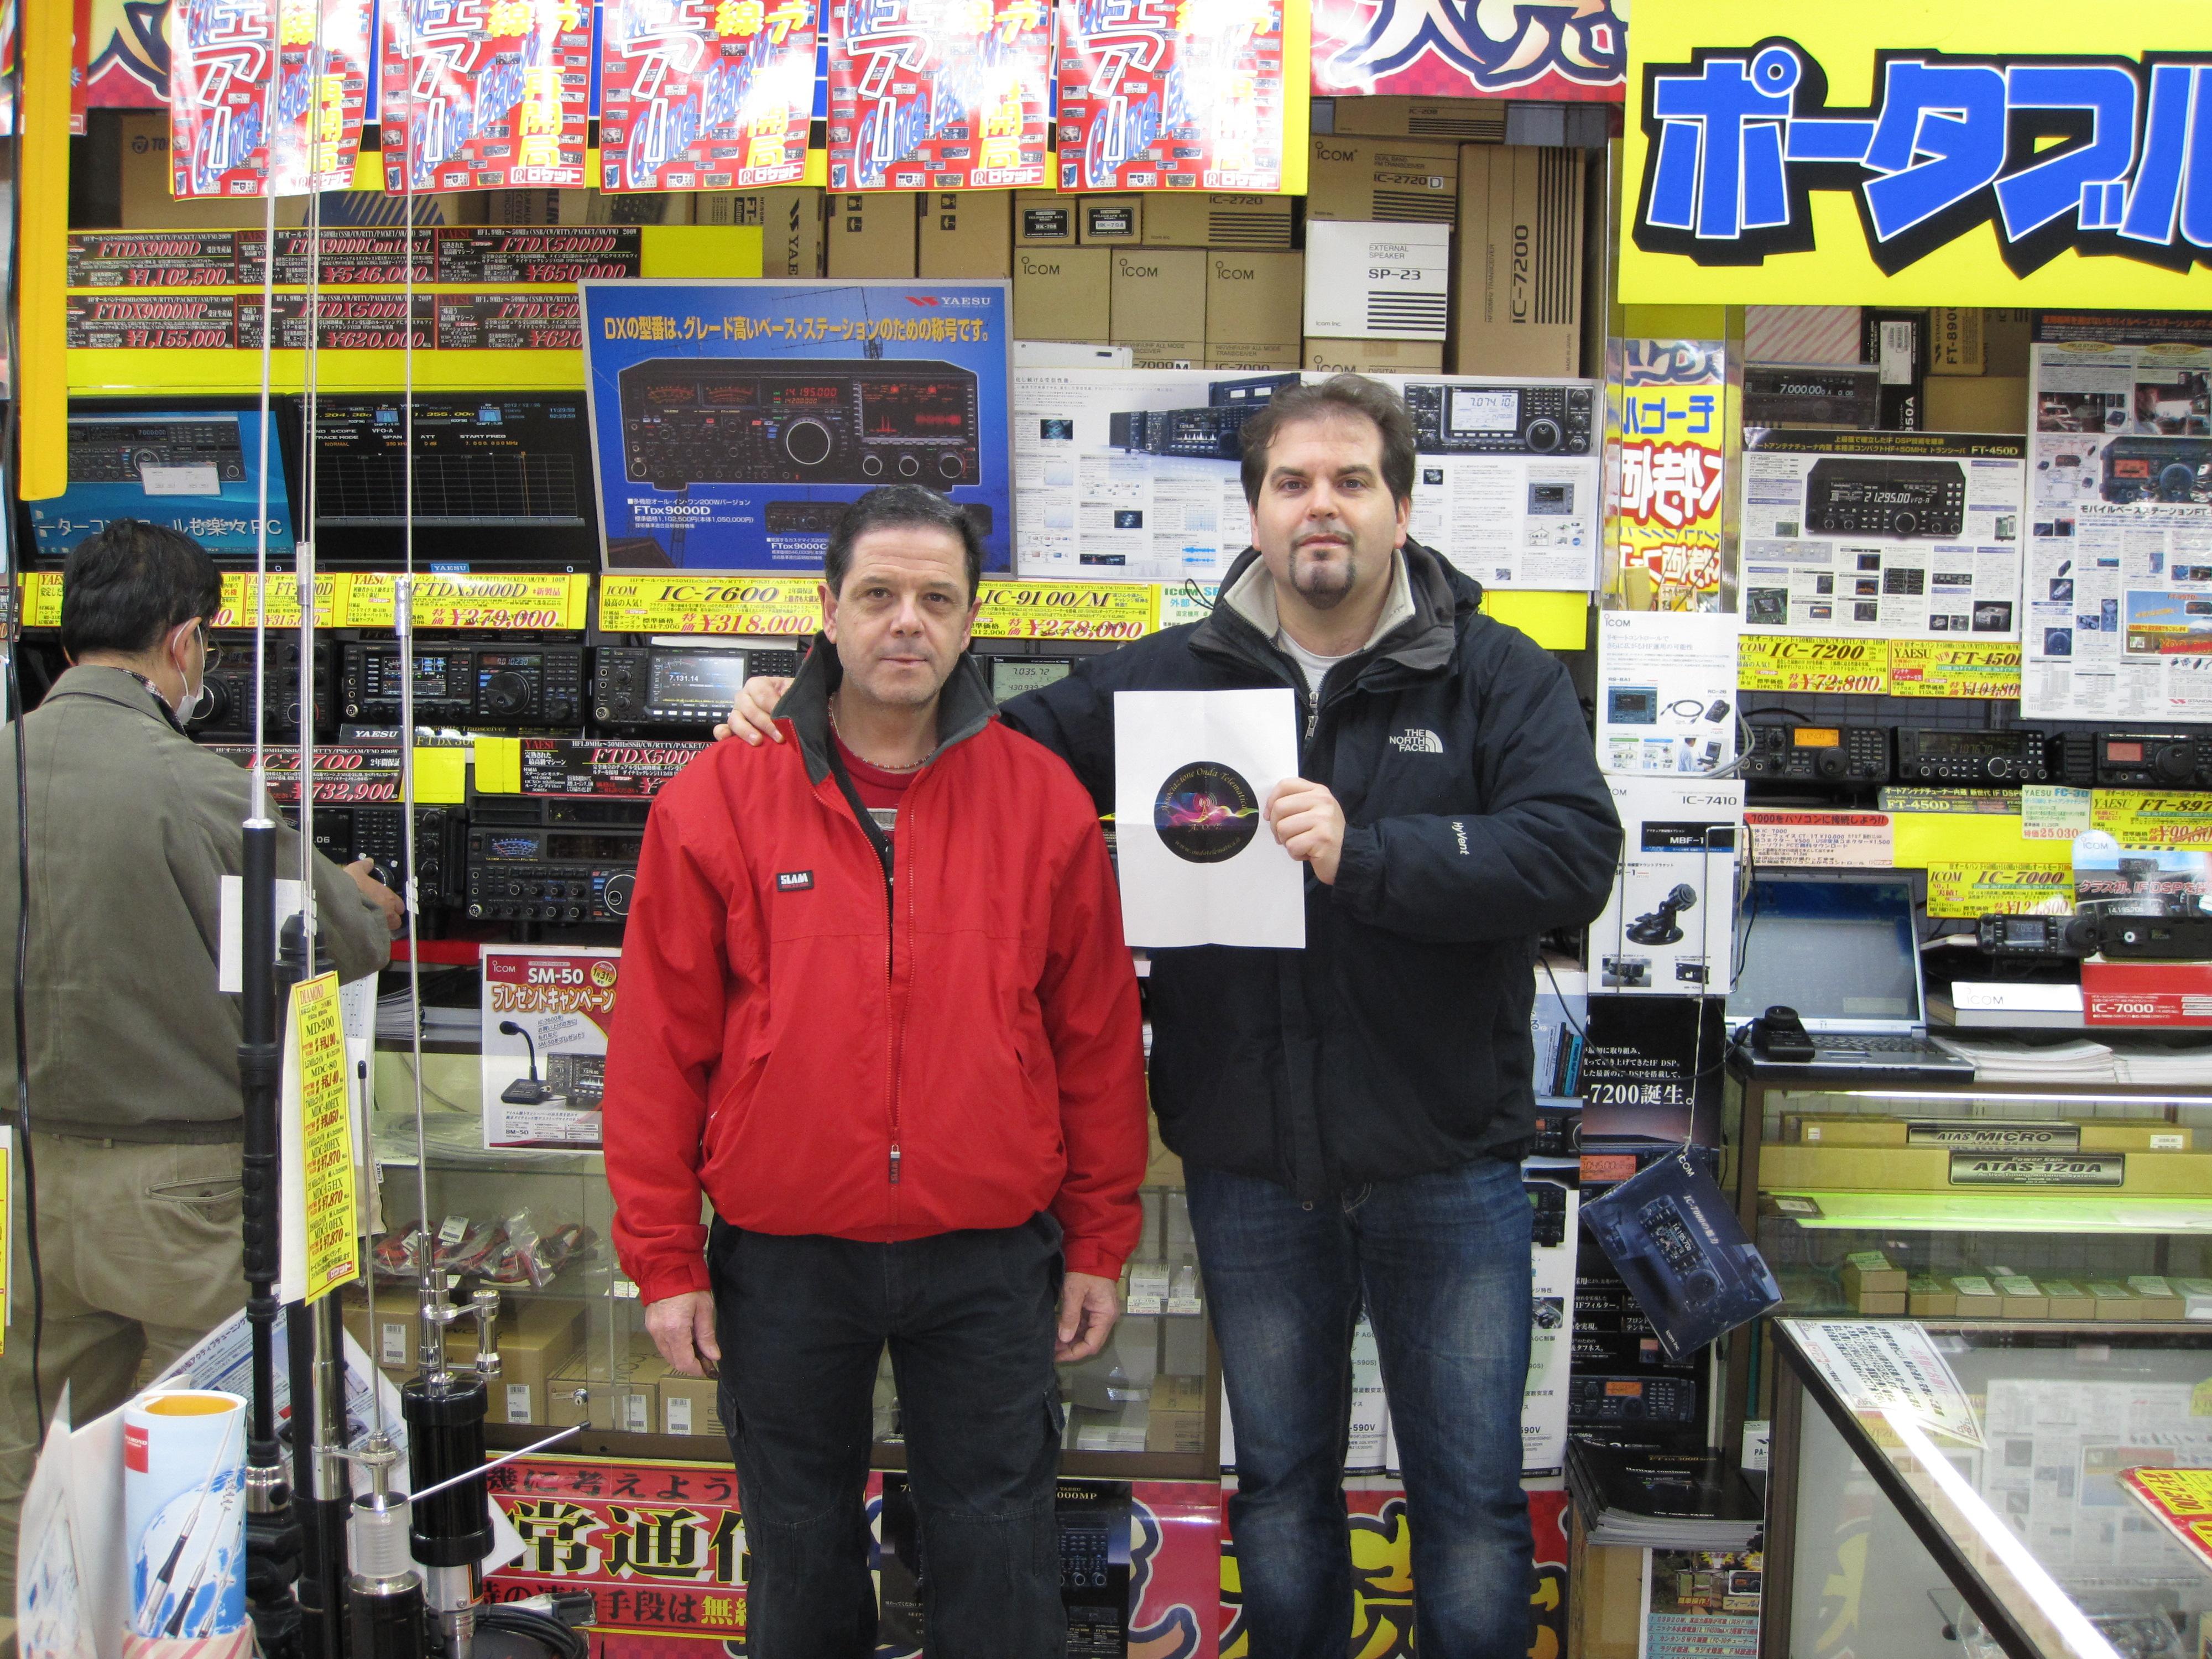 Aldo IZ0OZS e Alex IZ0RIN a Tokyo Negozio Rocket Radio con Logo Onda Telematica